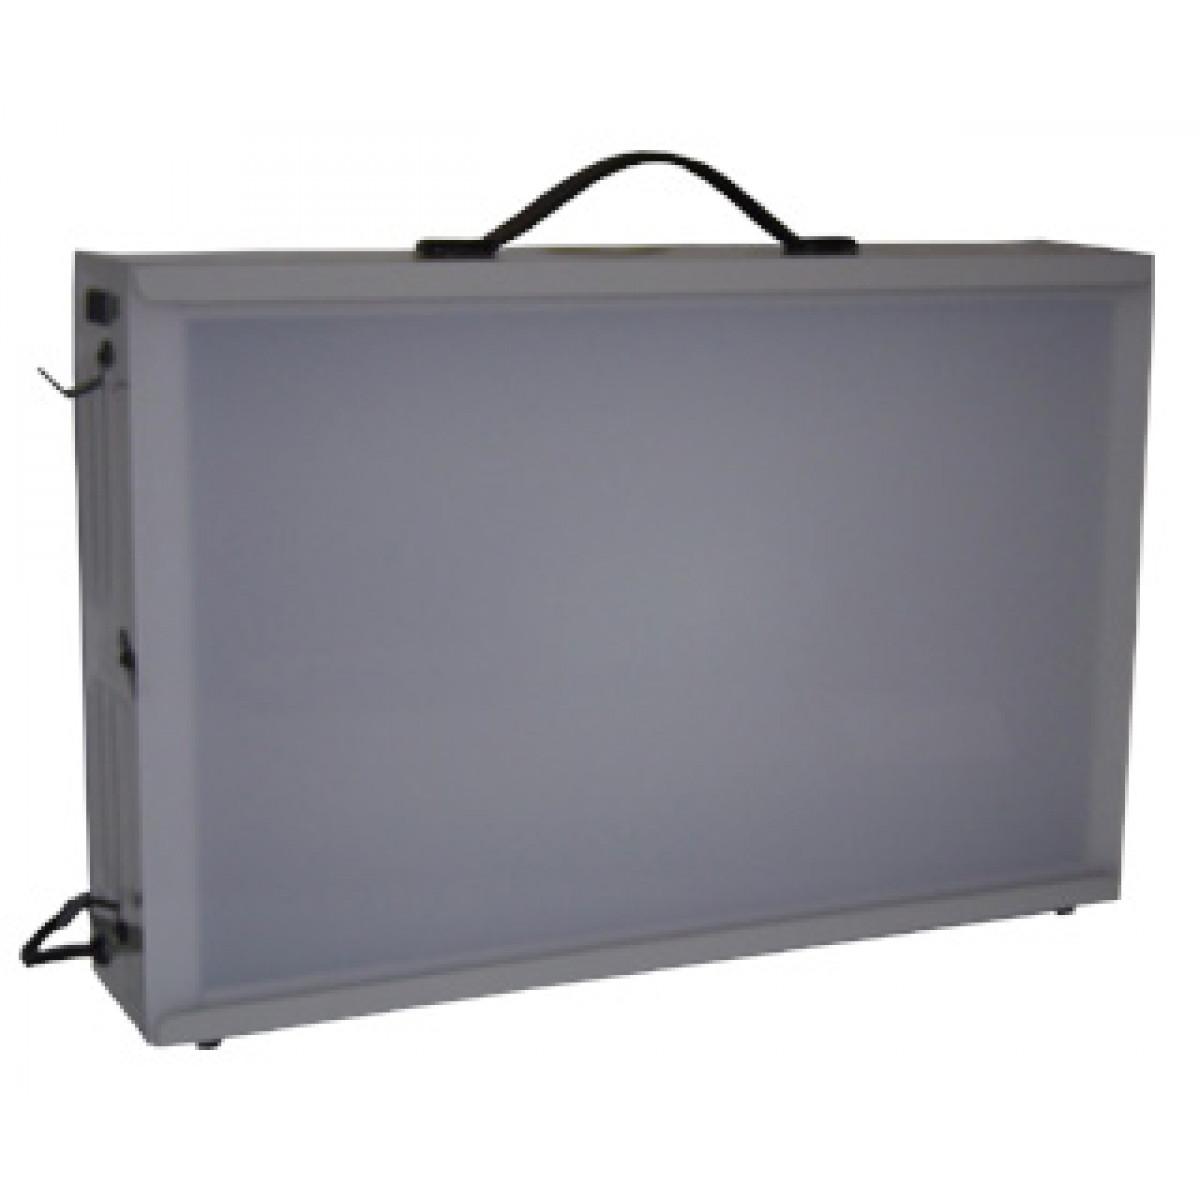 Mesa de luz port til trident 47x30cm - Mesa de portatil ...